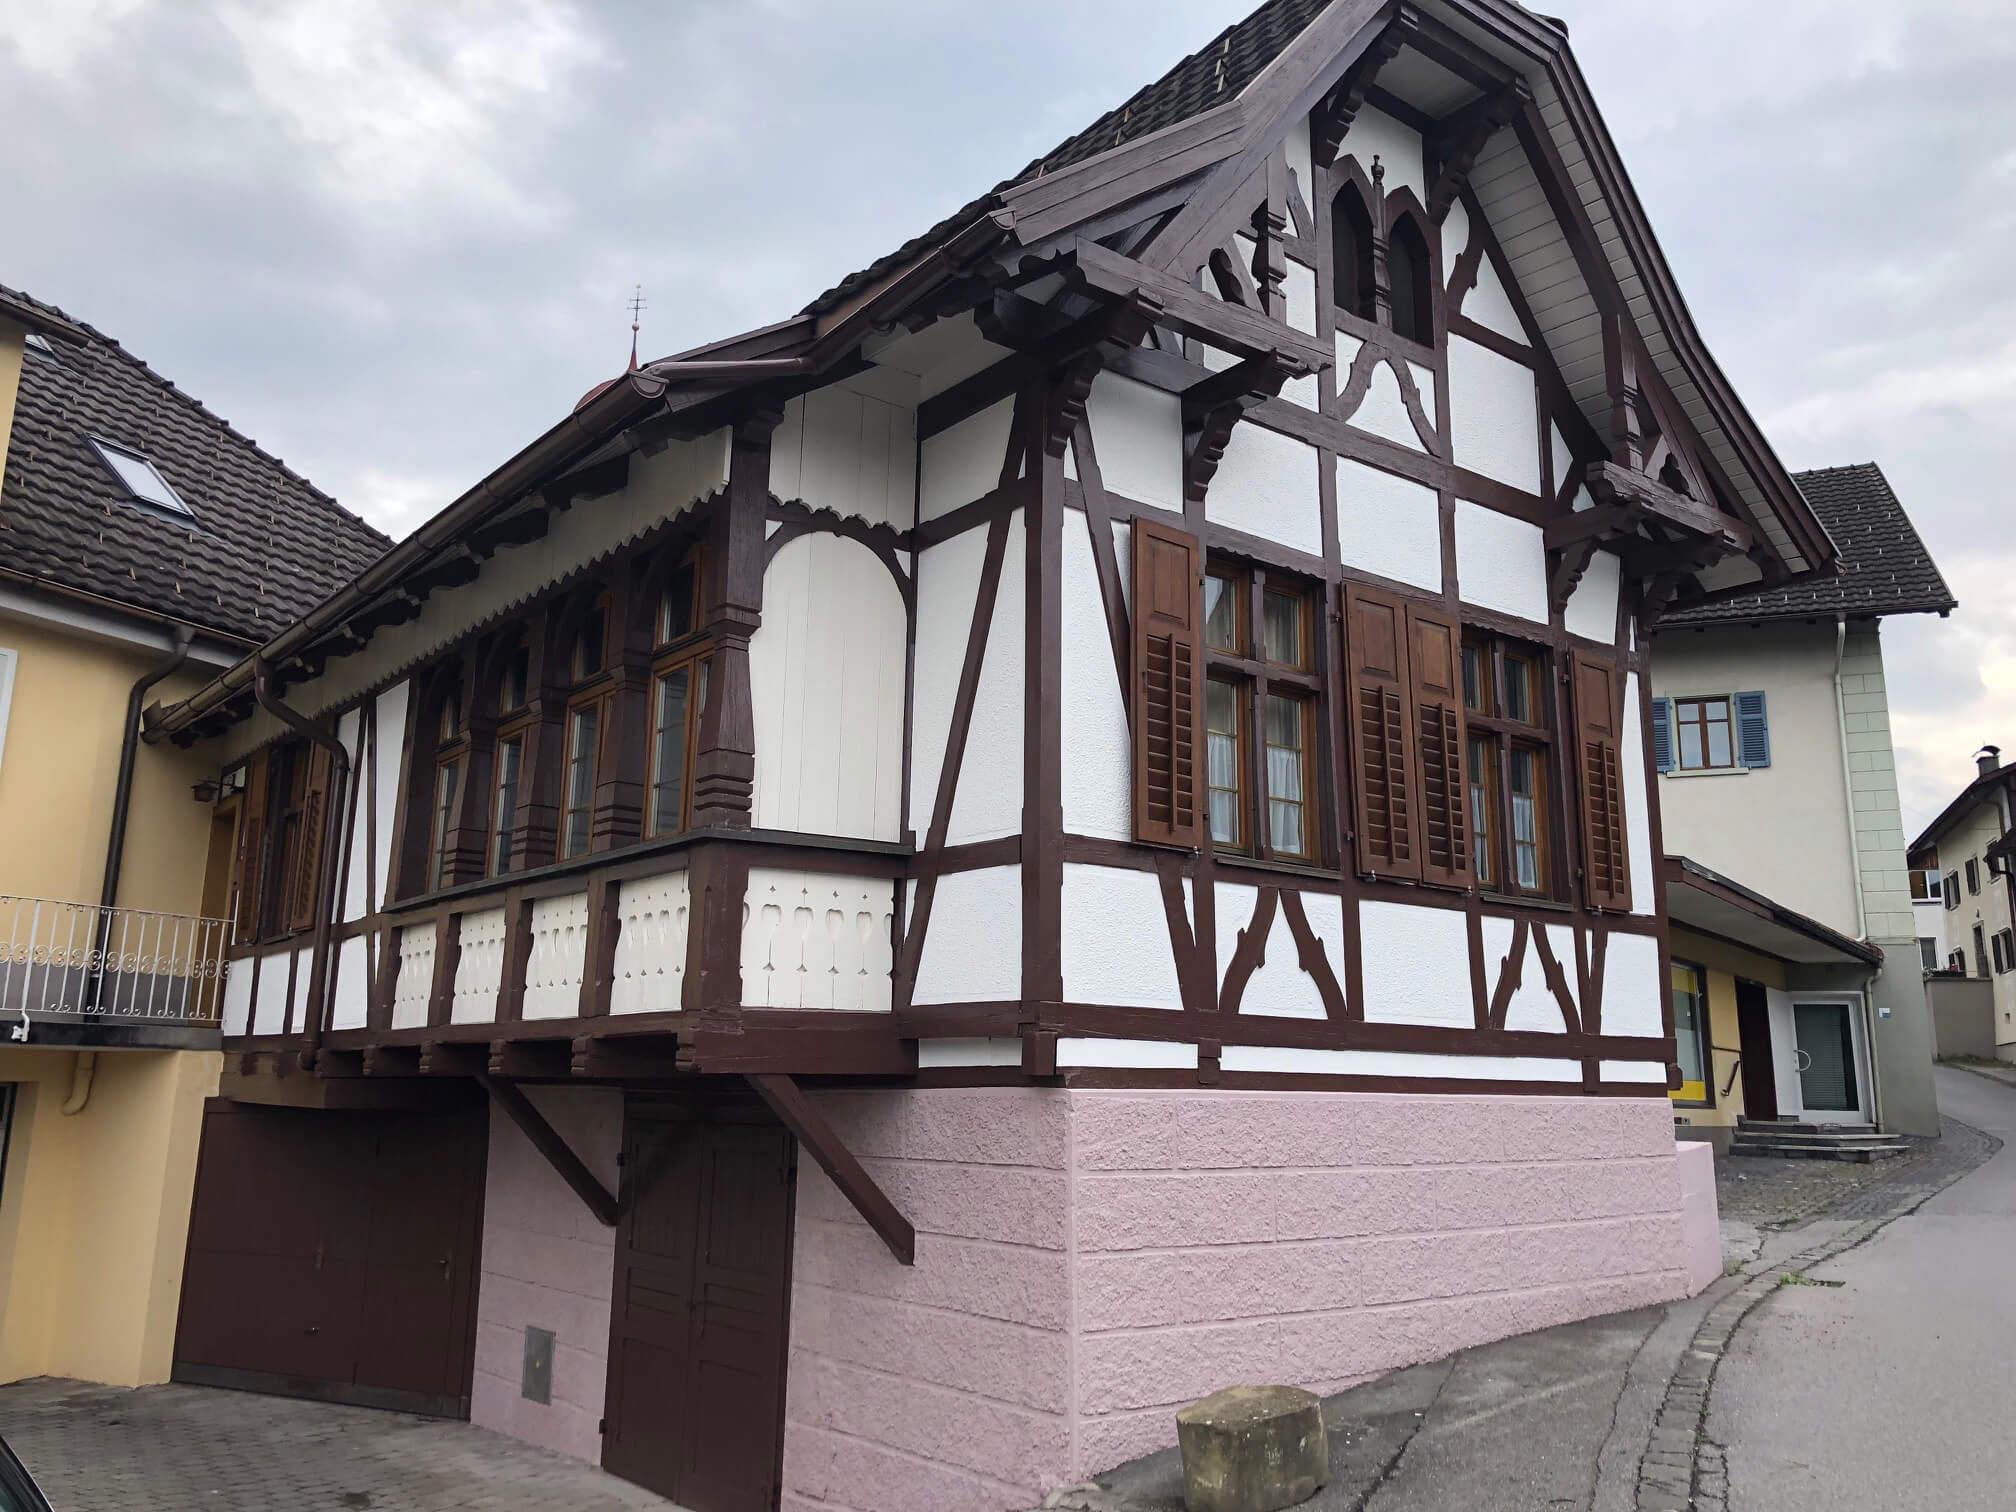 Maler-Werner-Juen-Malermeisterbetrieb-Vorarlberg-Fassadenanstrich